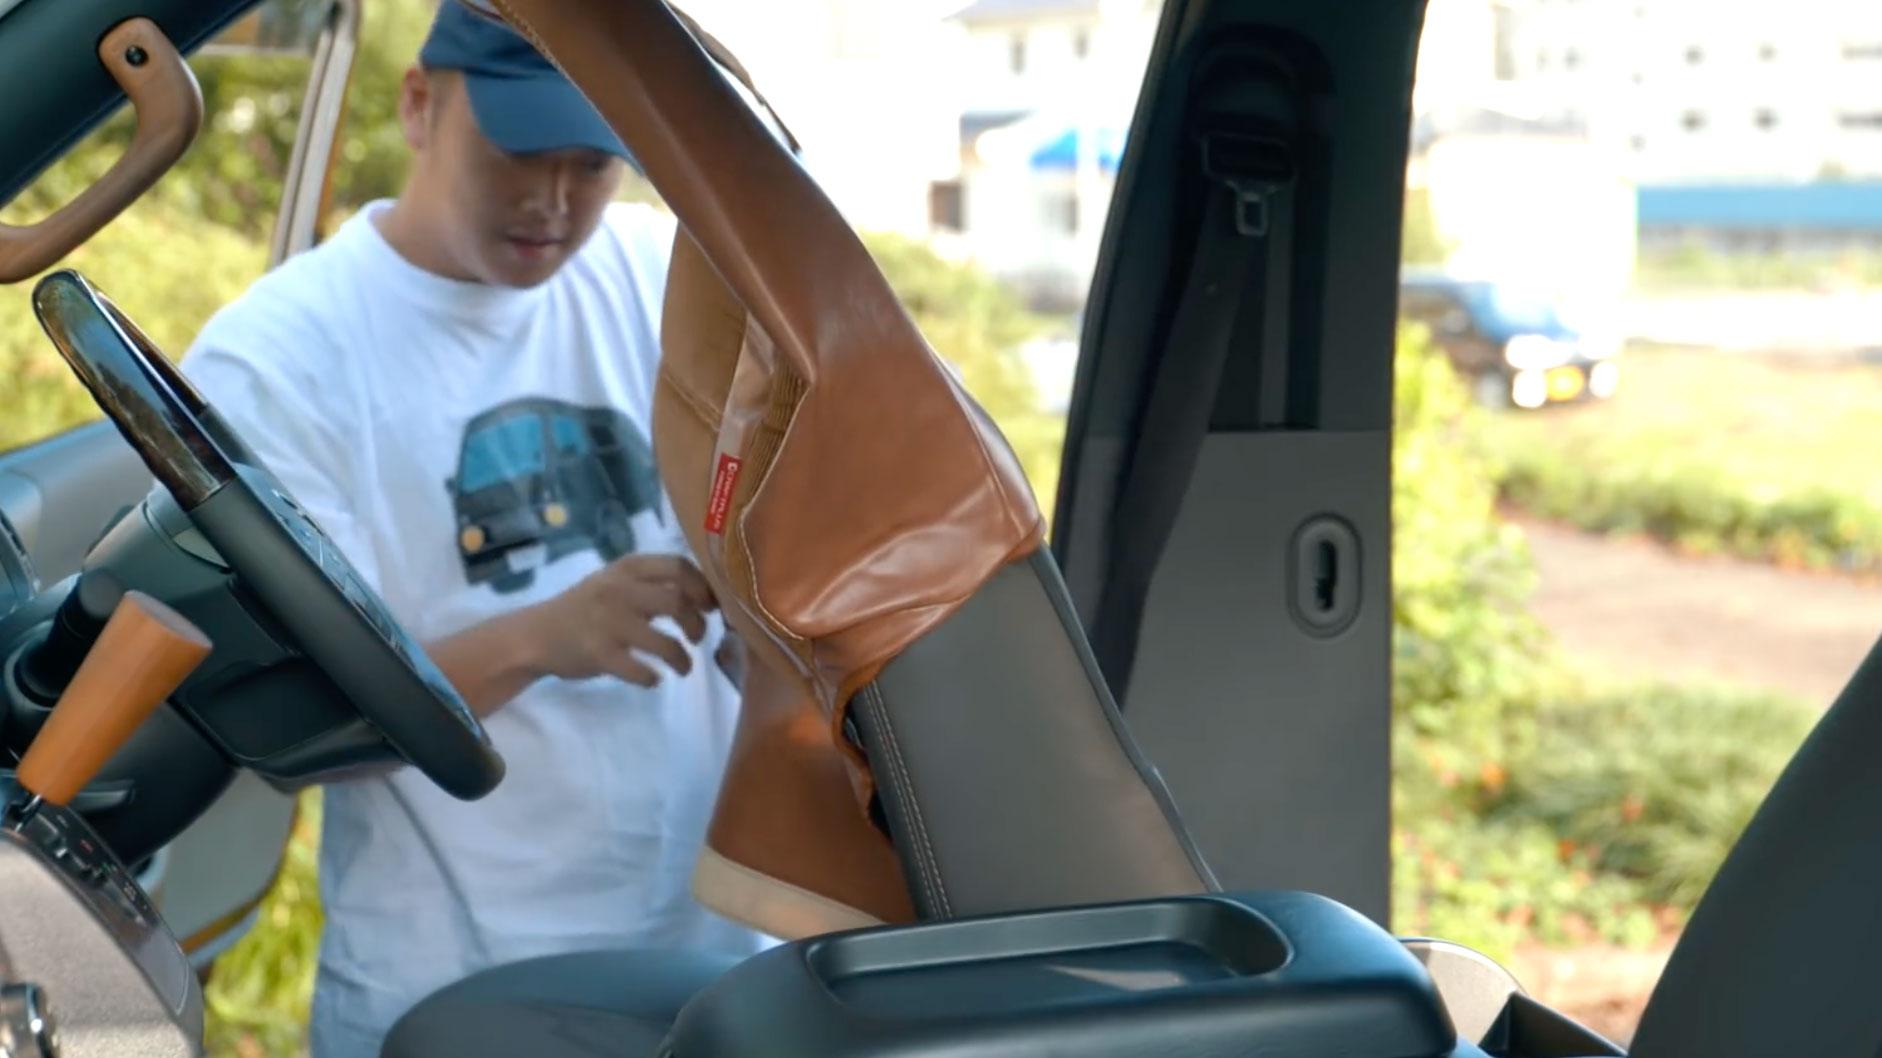 シートにはそれぞれ運転席用、後部座席用などのマークがついているので、間違える心配はなし